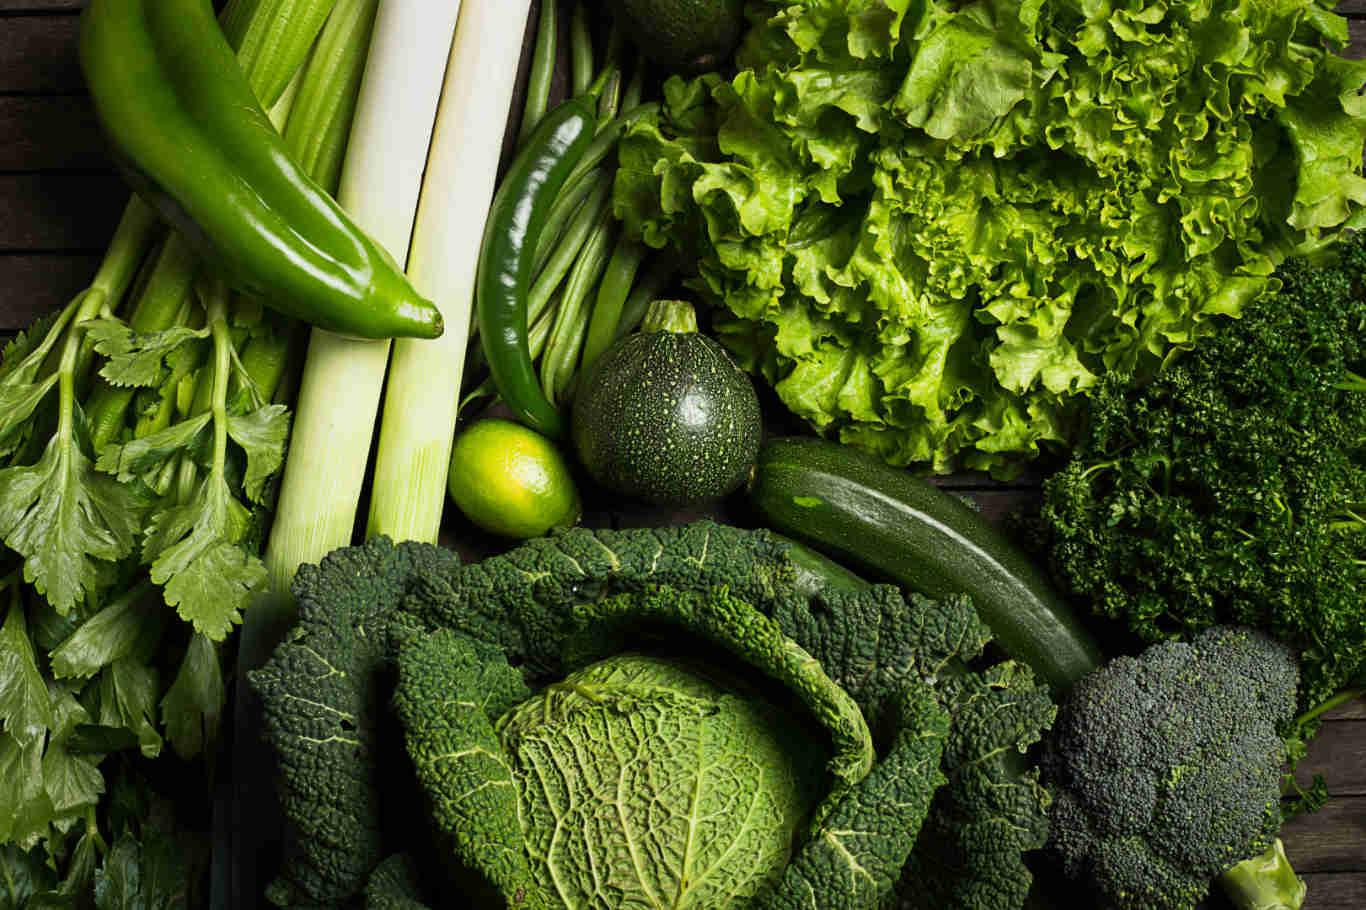 Healthy Food Green Vegetables